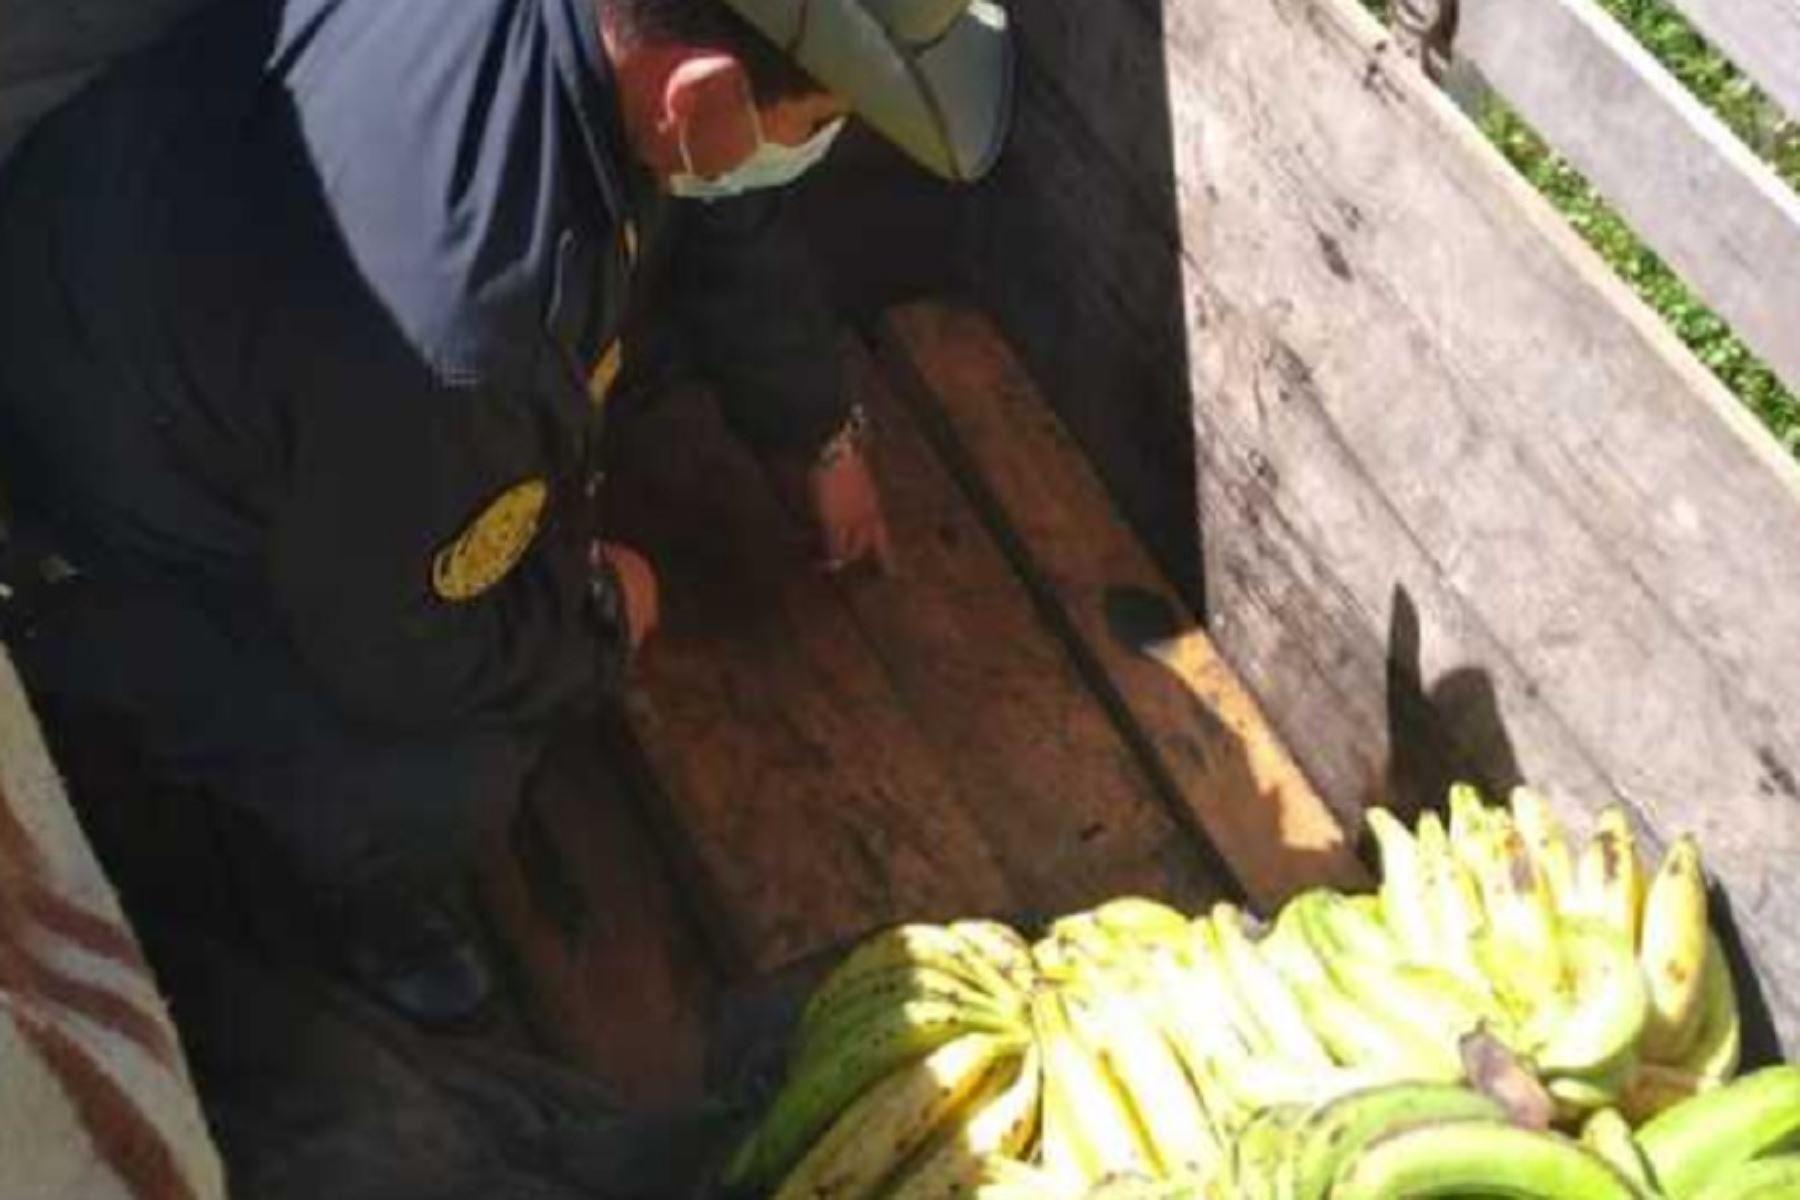 El Ministerio de Desarrollo Agrario y Riego (Midagri), a través del Servicio Nacional Forestal y de Fauna Silvestre (Serfor) decomisó 3,796 pies tablares de madera aserrada que iba camuflada con plátanos provenientes de la provincia del Manu, en el departamento de Madre de Dios. Foto: Midagri/Serfor.